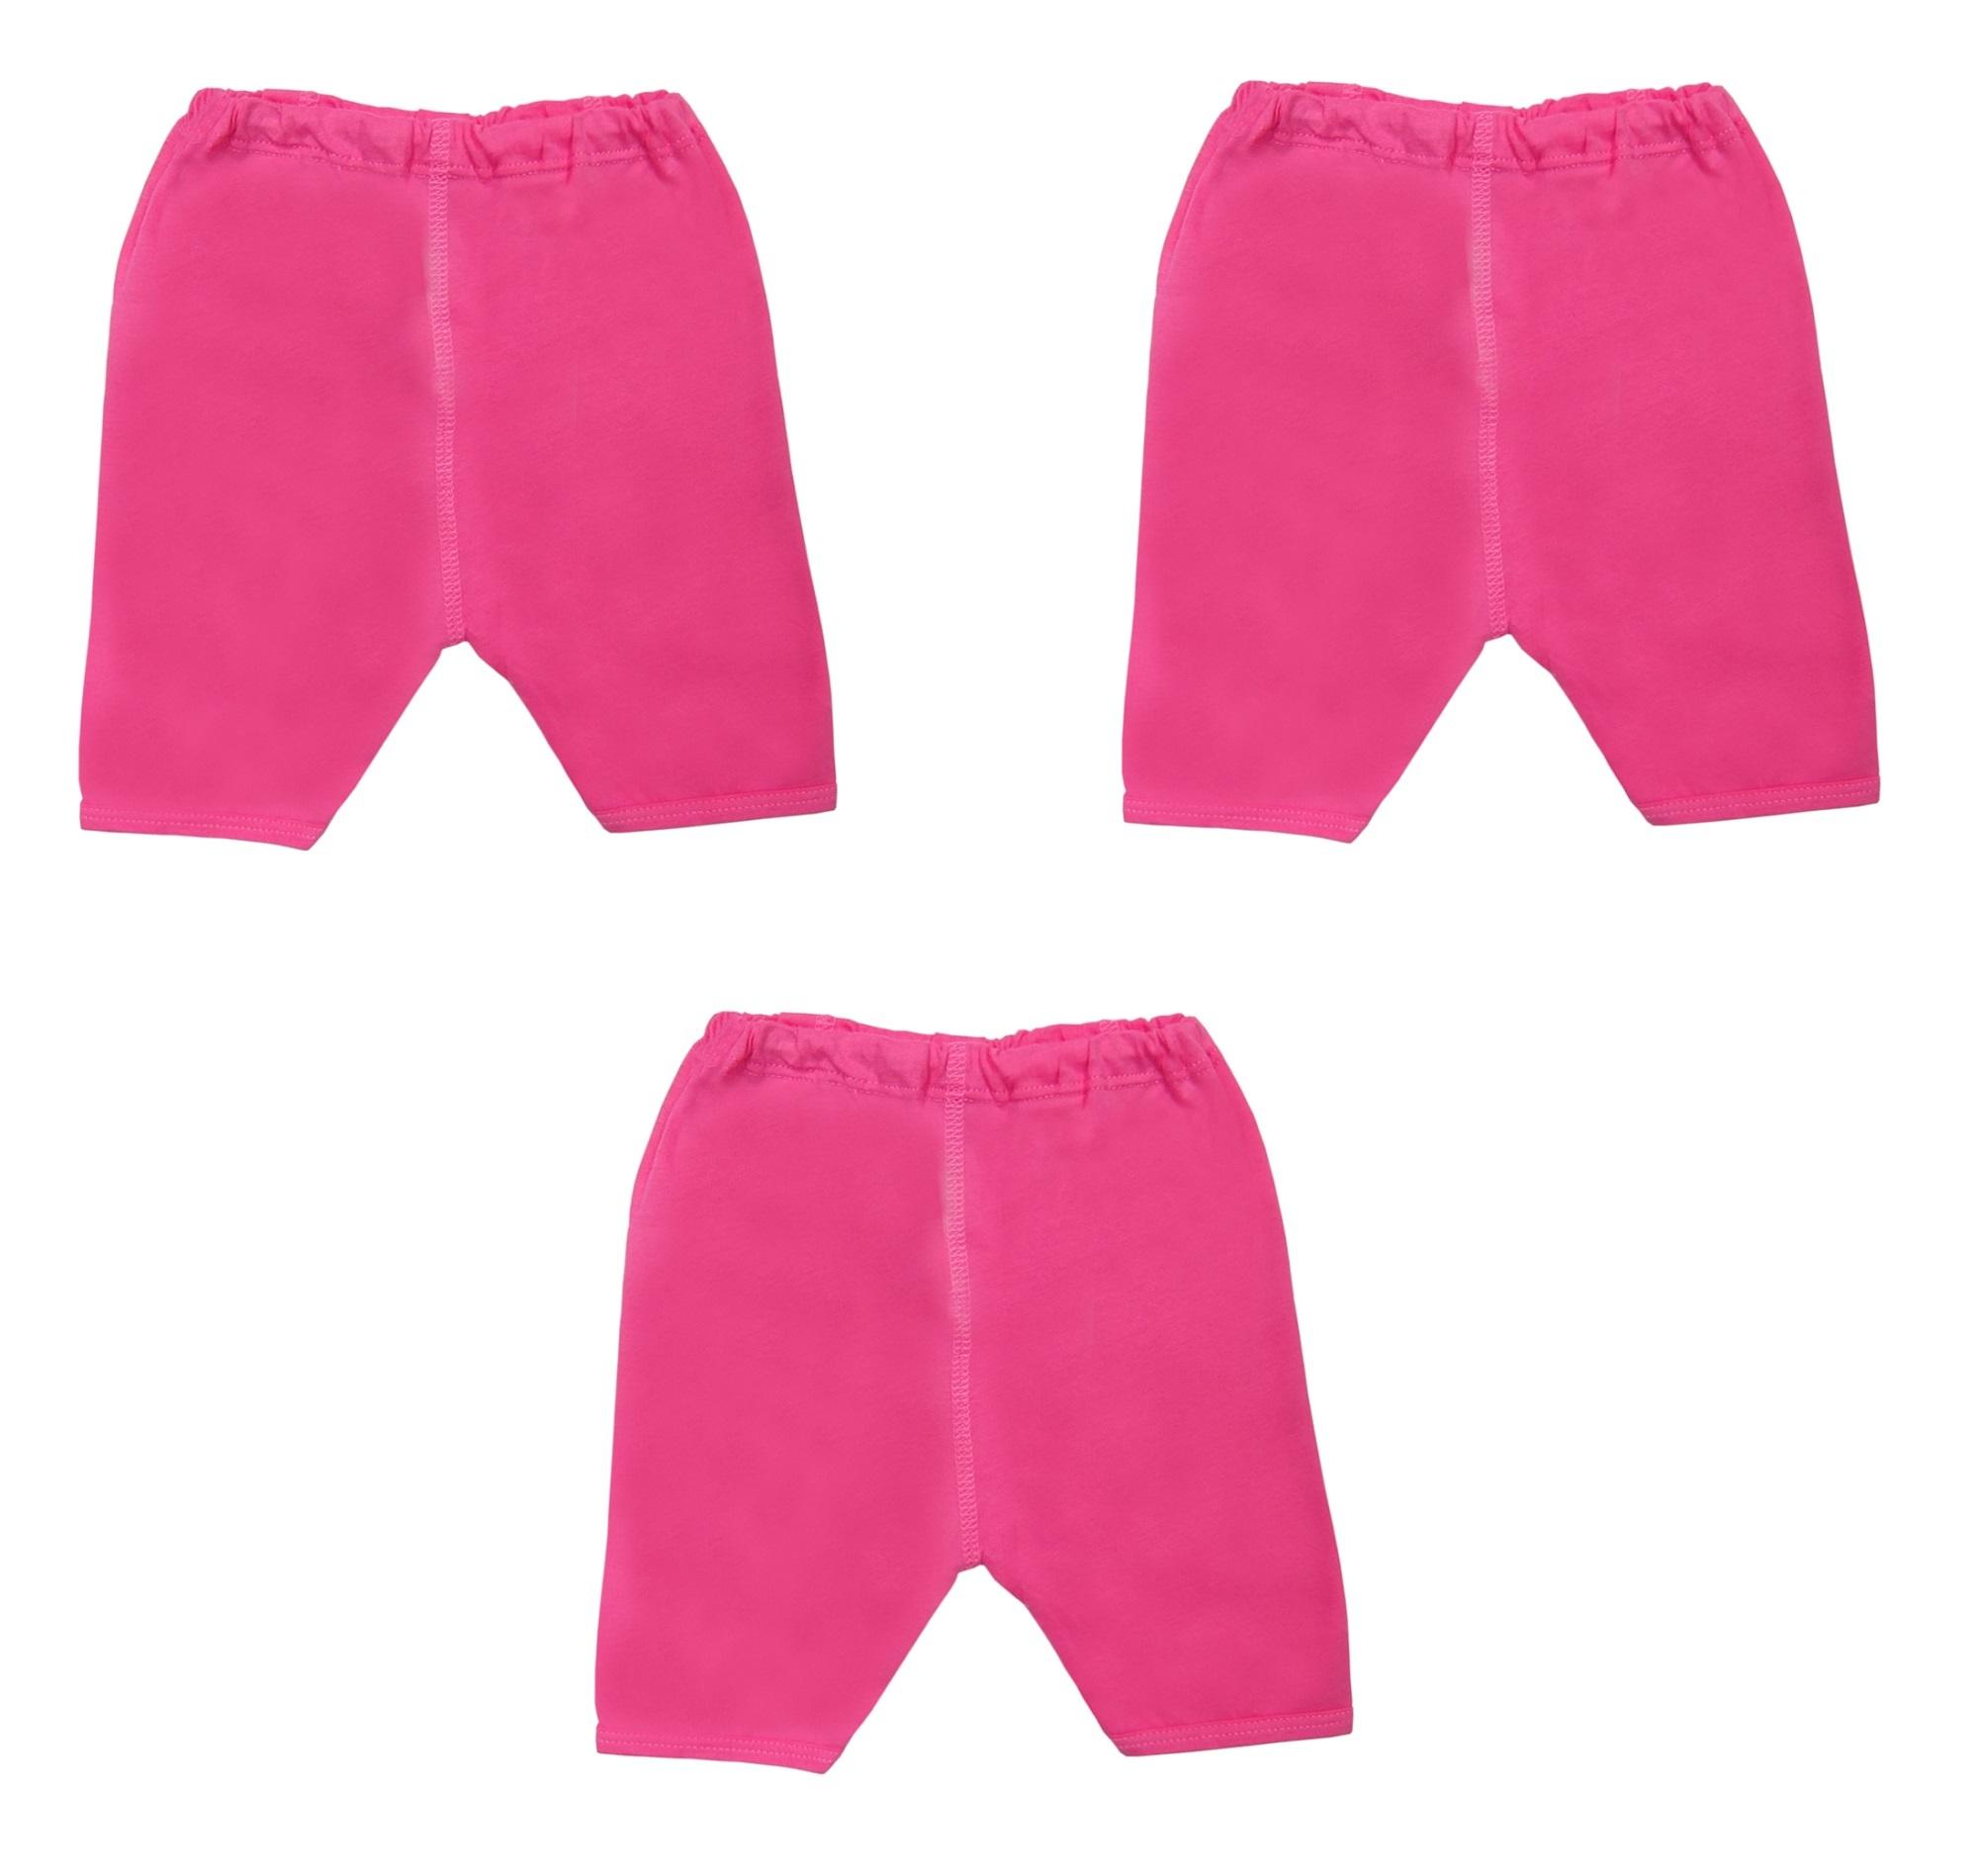 Bộ 3 quần lửng đóng bỉm ILUMINO Size 60 (Hồng sen)